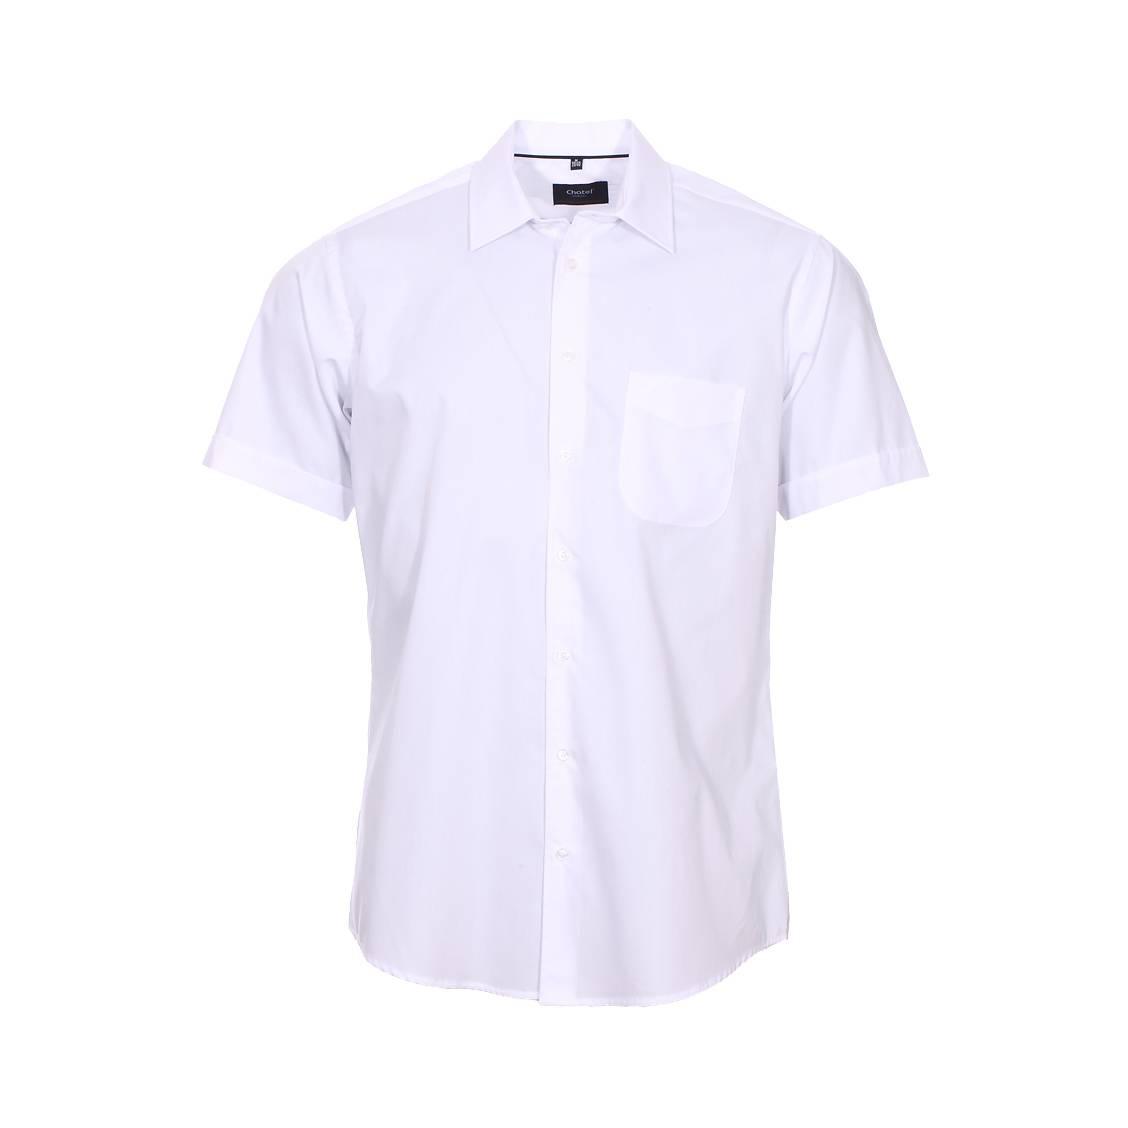 Chemise manches courtes jean chatel london nobless en coton blanc